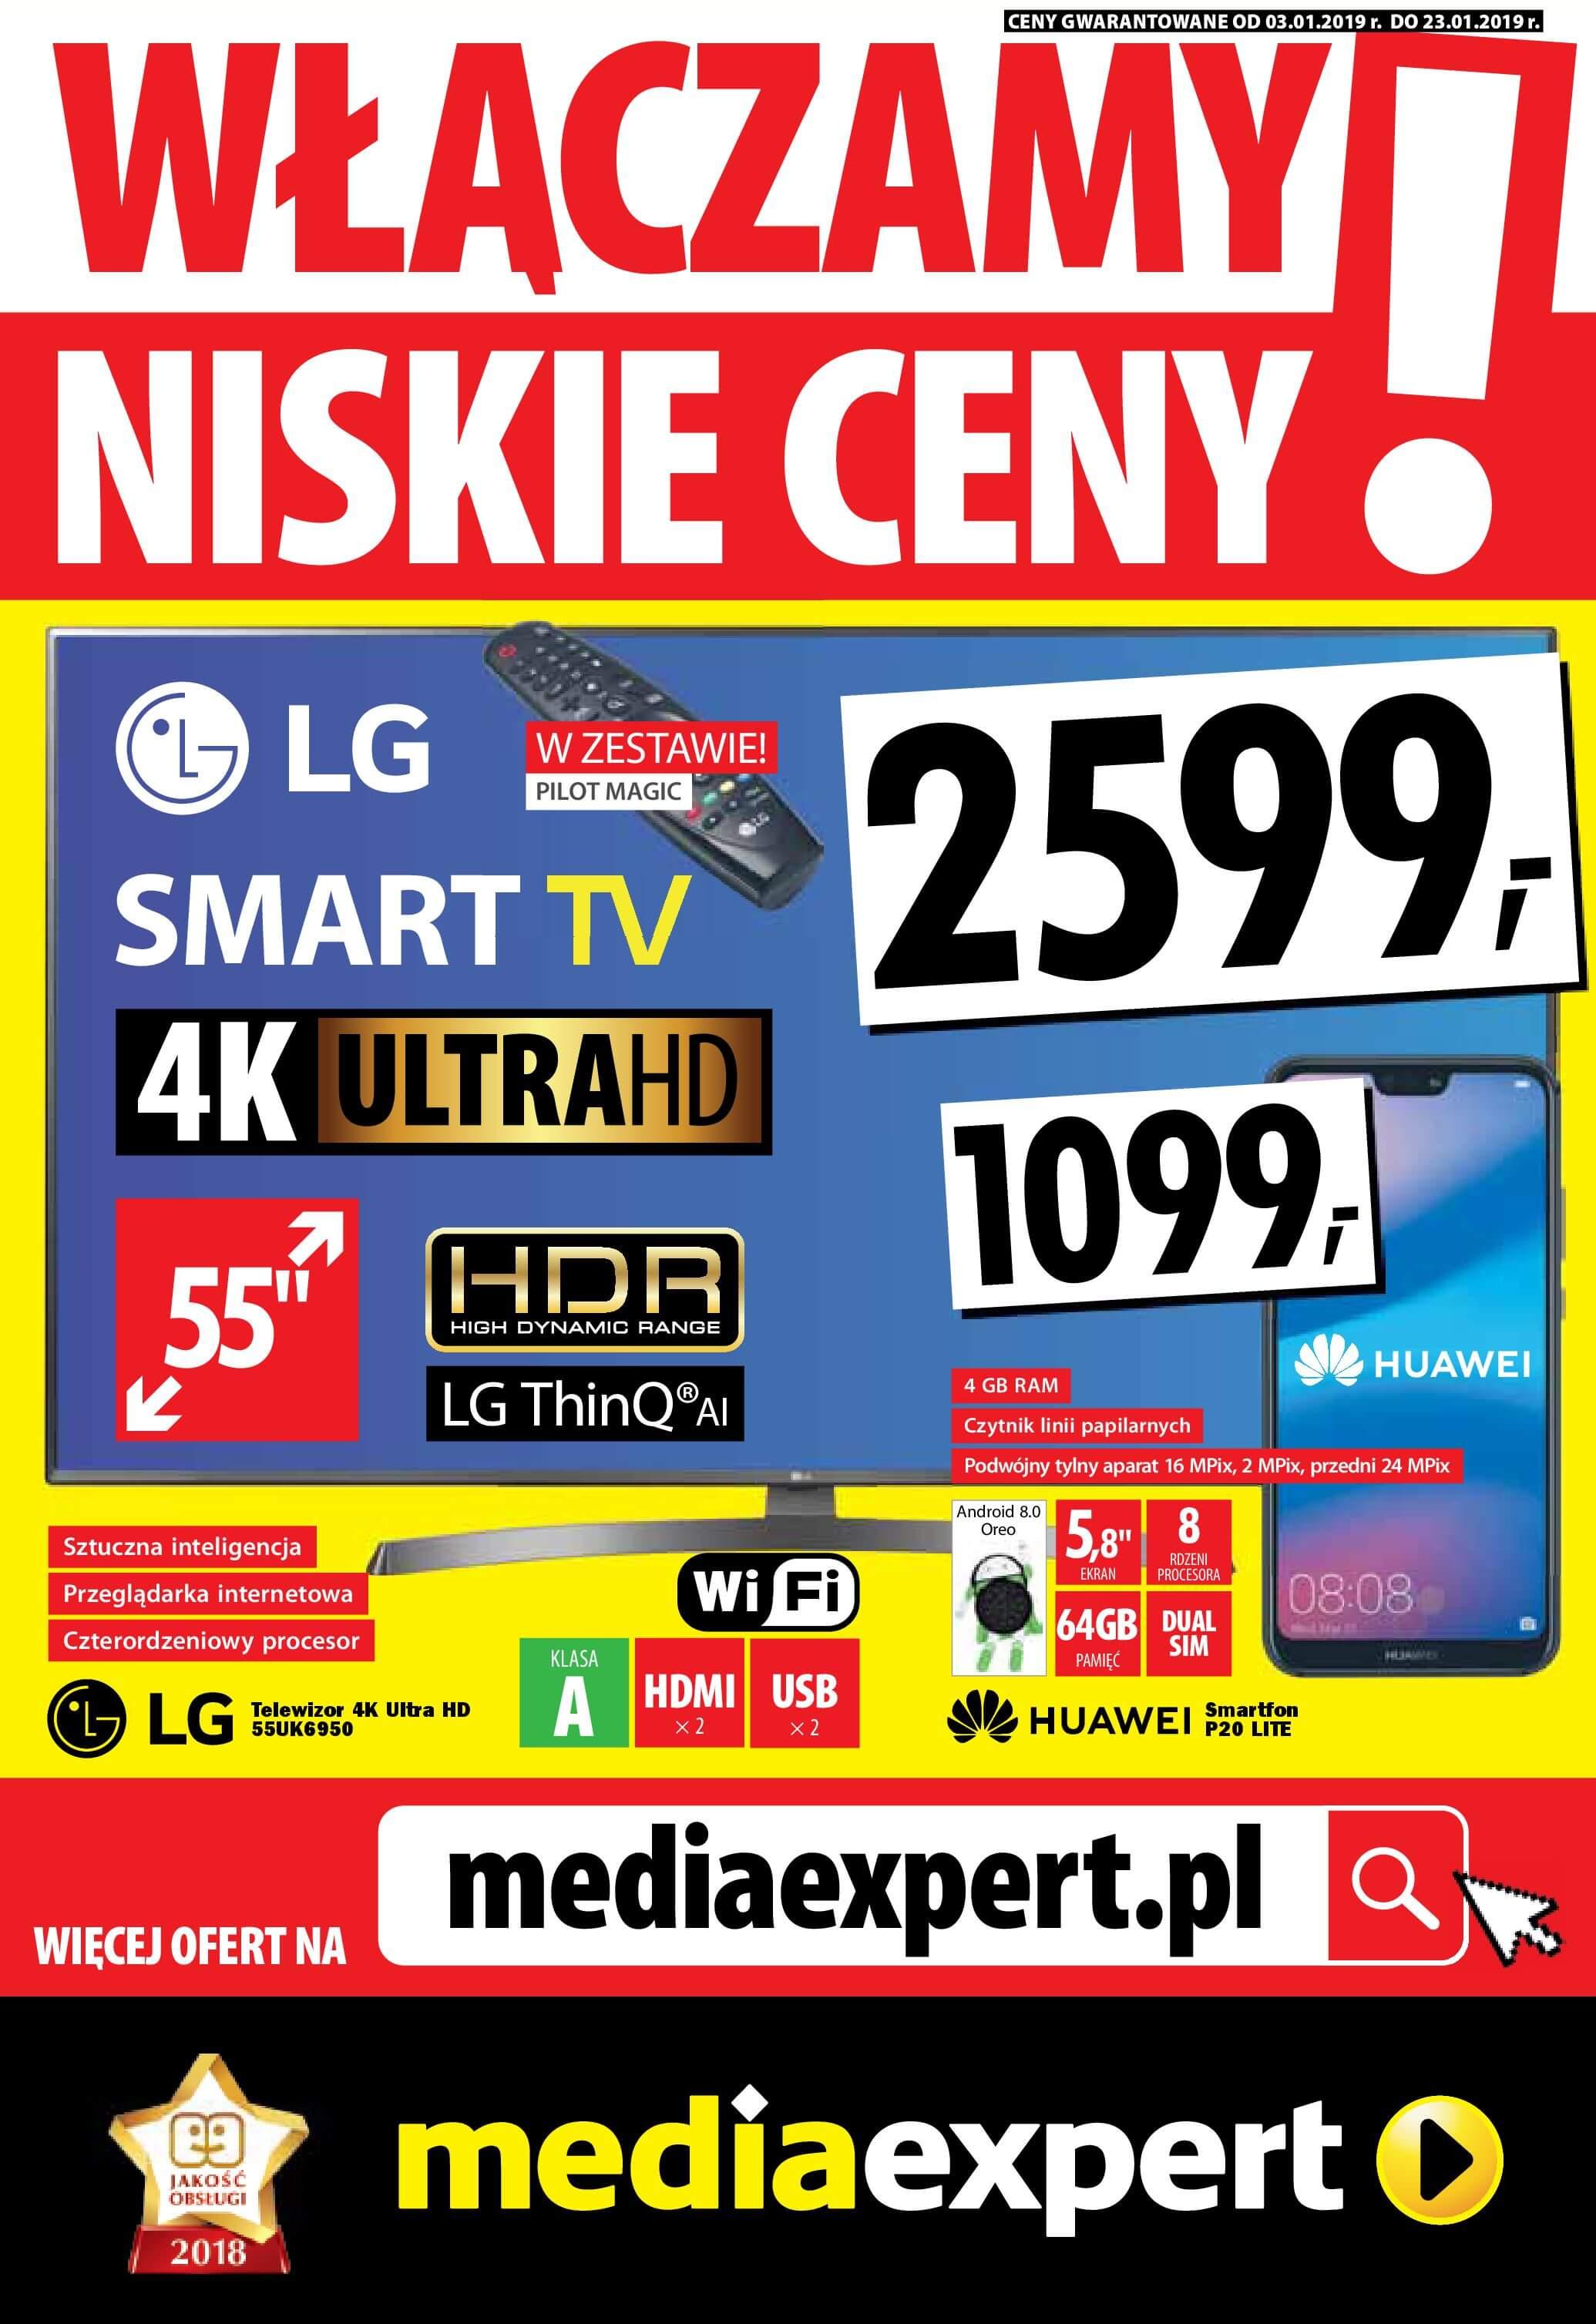 Gazetka Media Expert - Włączamy niskie ceny!-02.01.2019-23.01.2019-page-